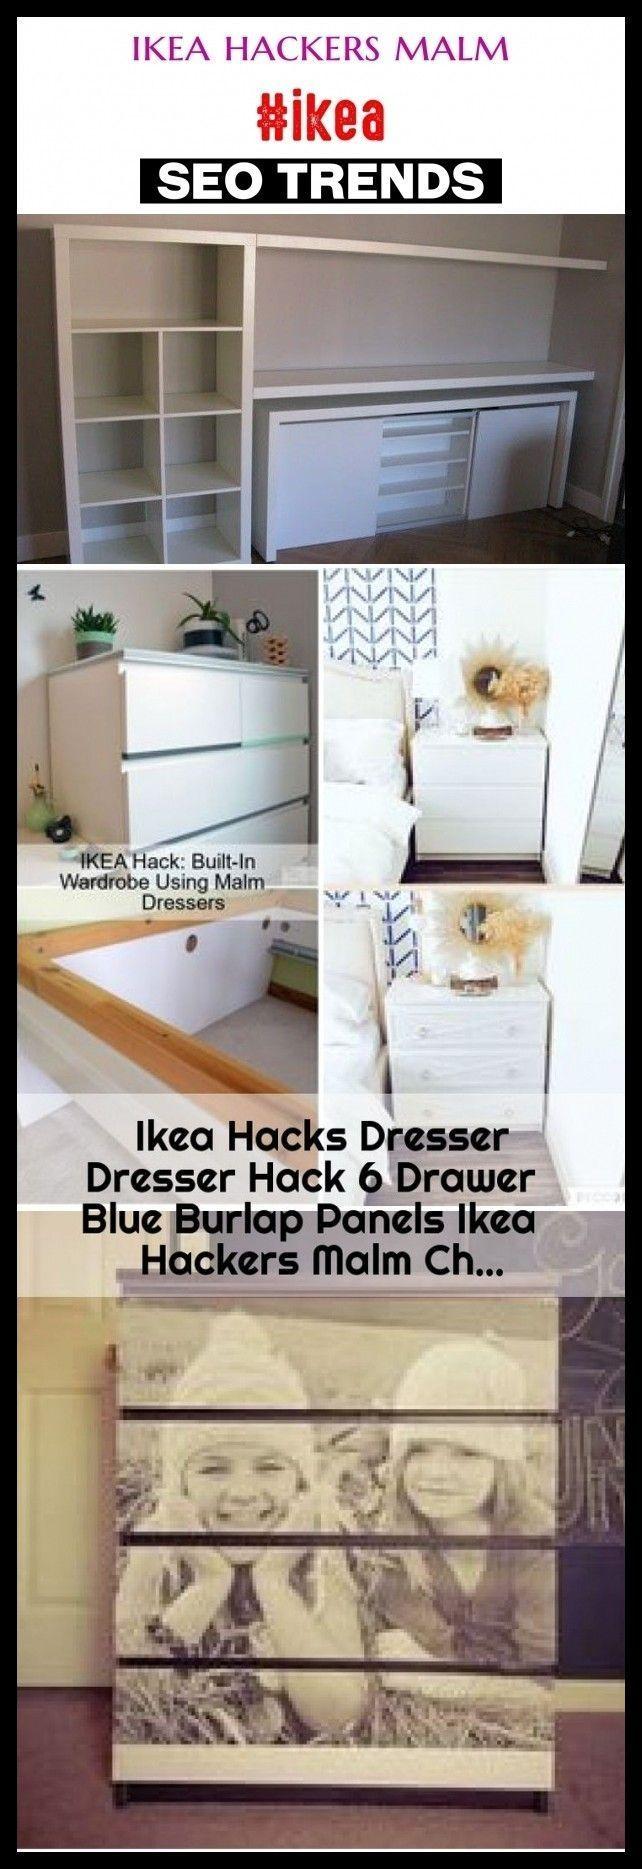 Photo of Ikea Hacker Erz #ikea #Nischen #seo #trending. Ikea Hacker Schlafzimmer, Ikea Hacker …